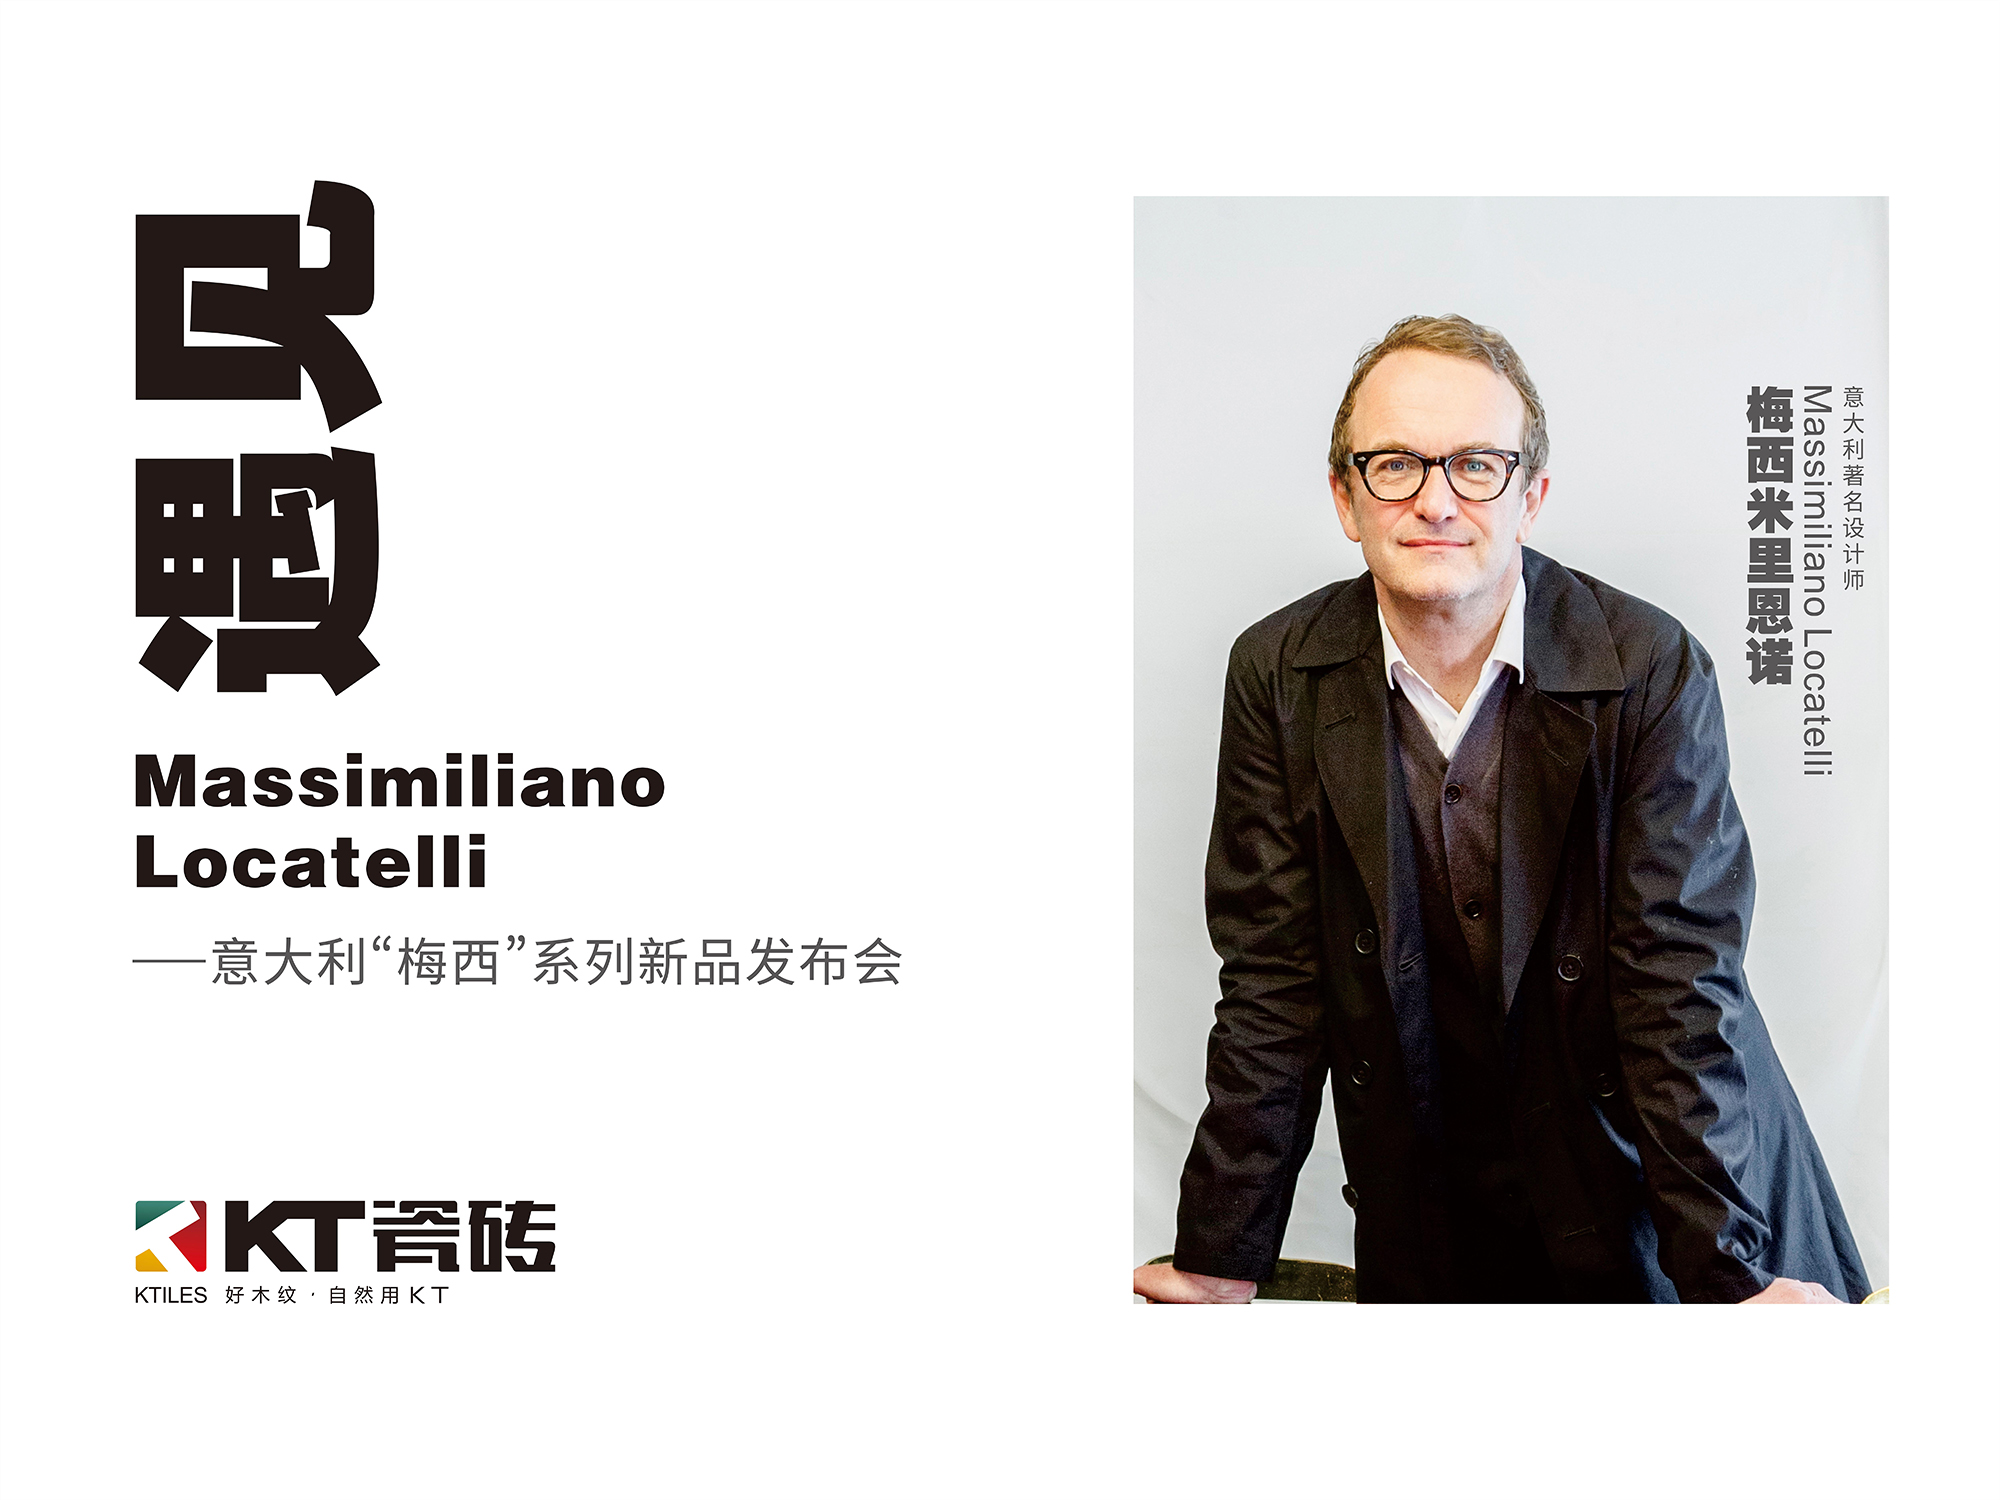 《遇见 Massimiliano Locatelli》,10月16日,KT瓷砖见!